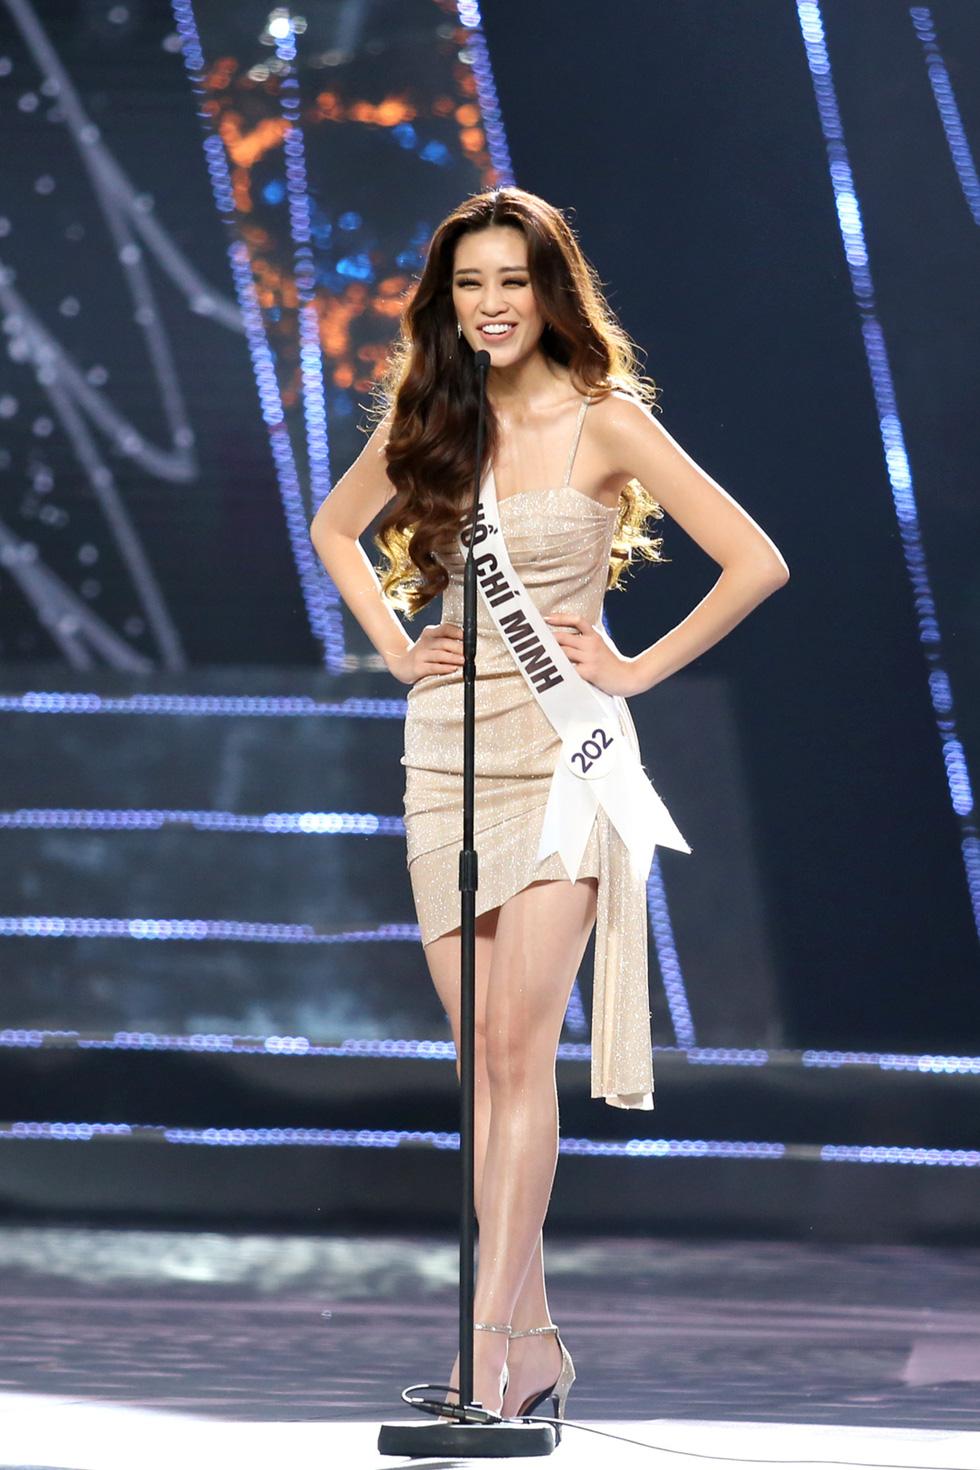 Cận cảnh nhan sắc tân Hoa hậu Hoàn vũ Việt Nam Nguyễn Trần Khánh Vân - Ảnh 6.